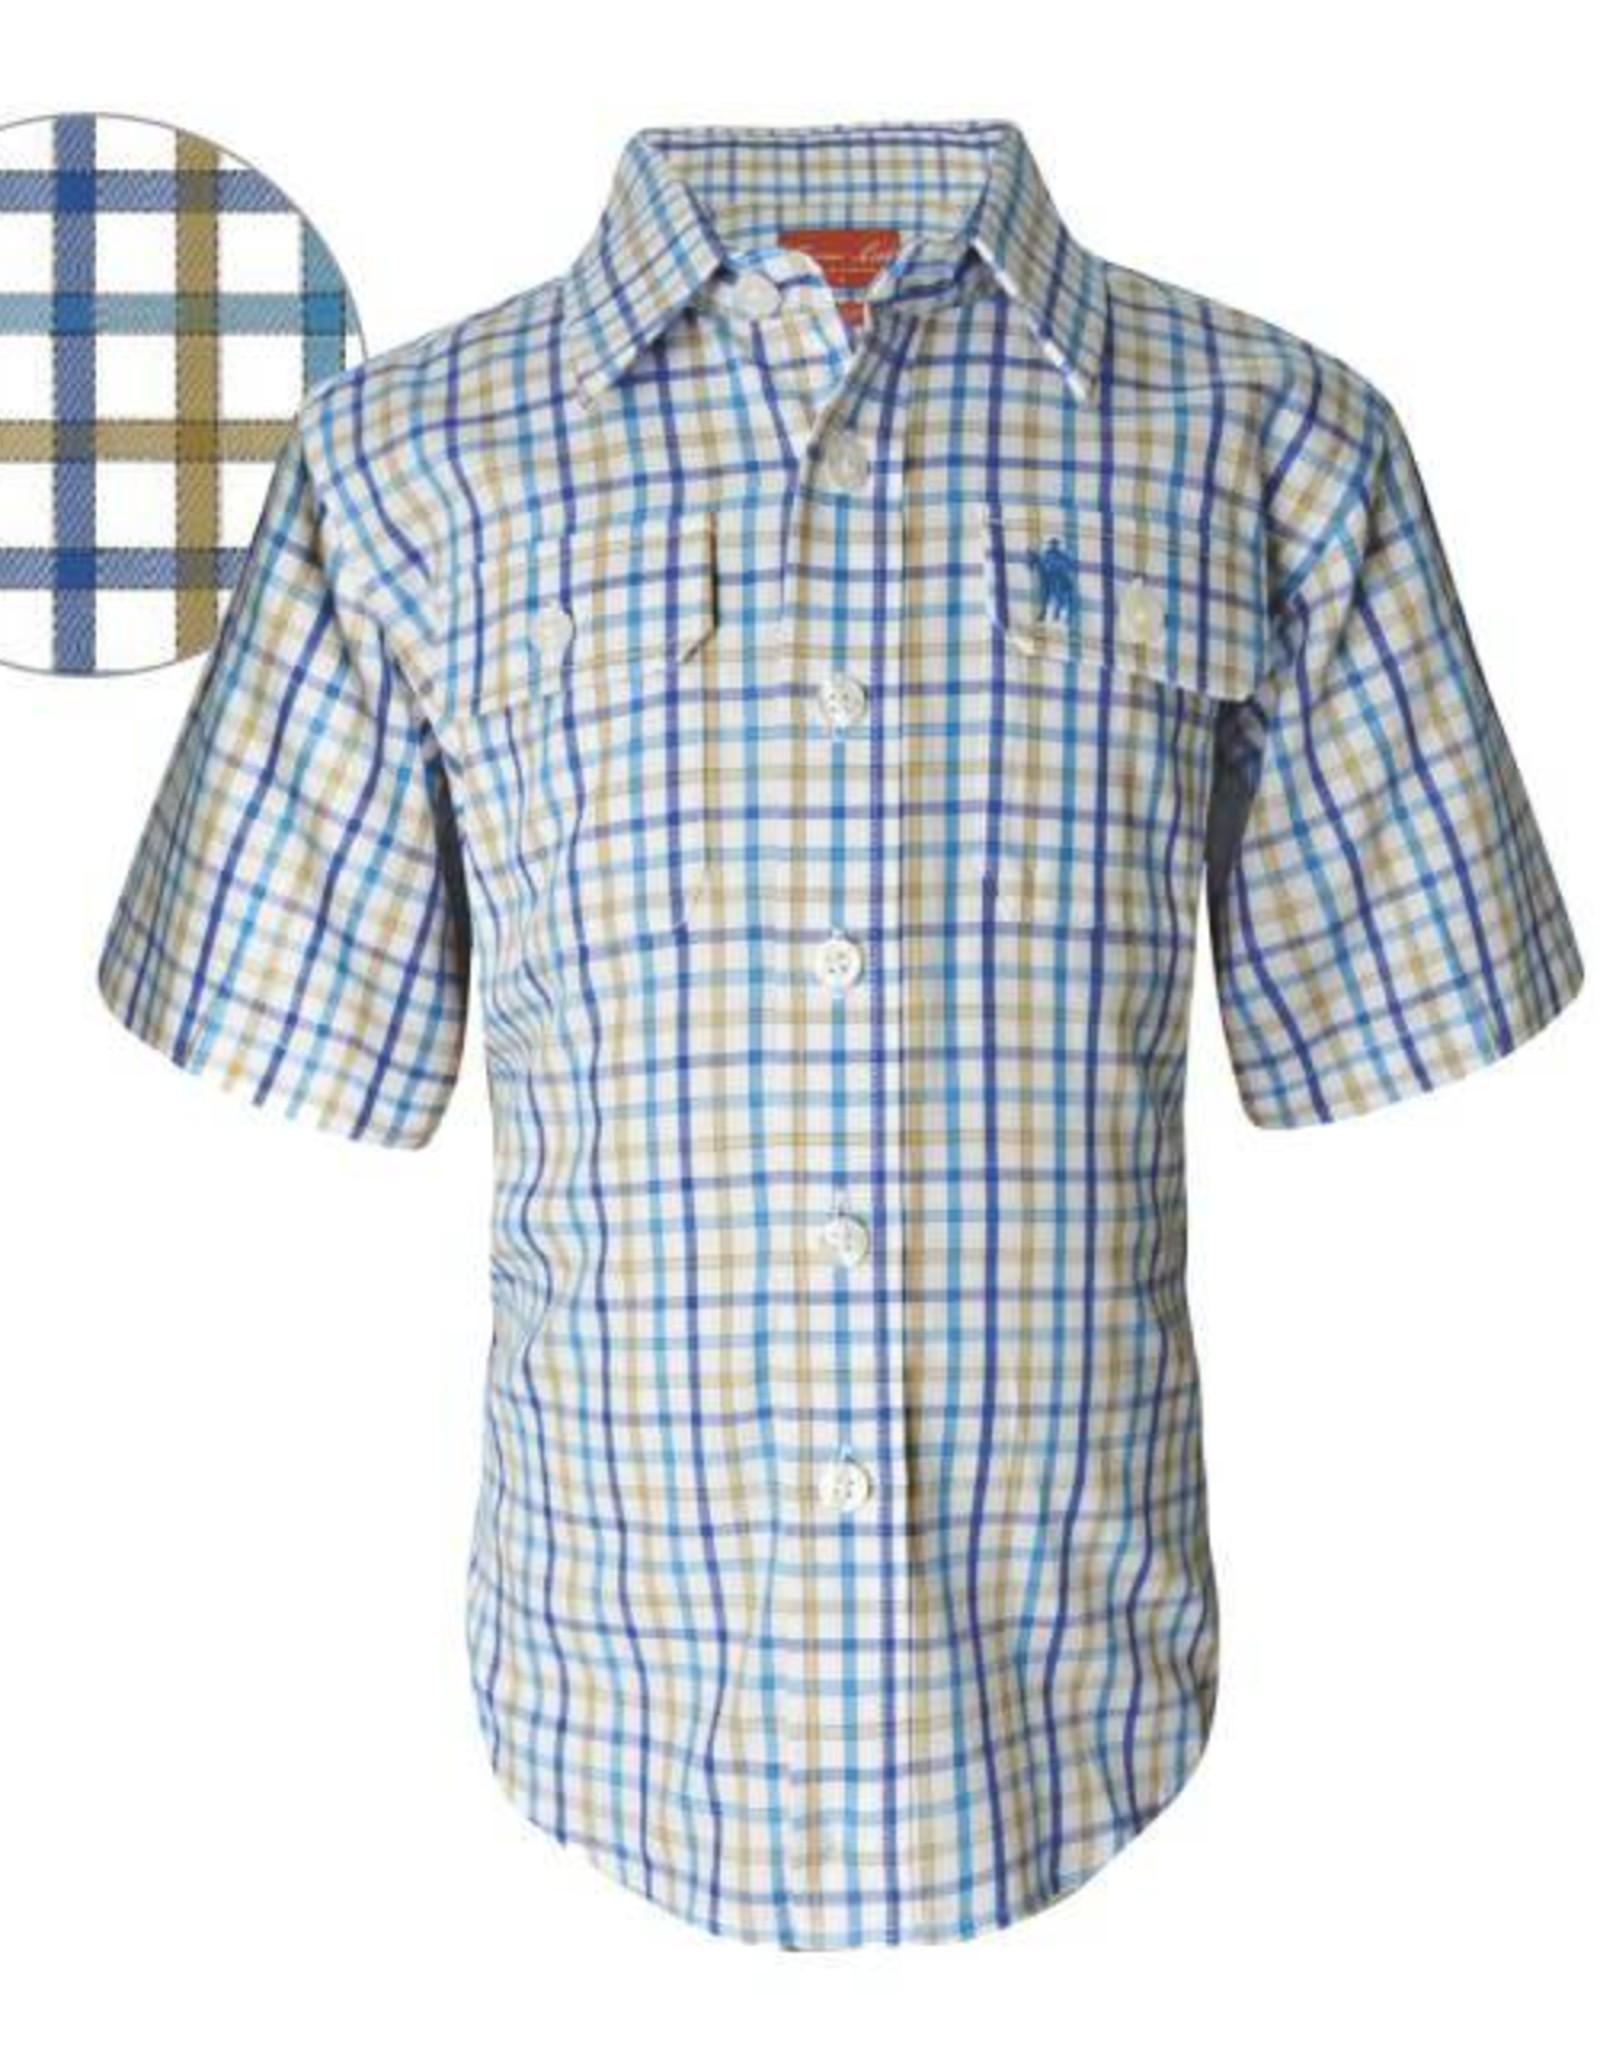 Thomas Cook Thomas Cook Boys Herbarton Check Shirt Size 12